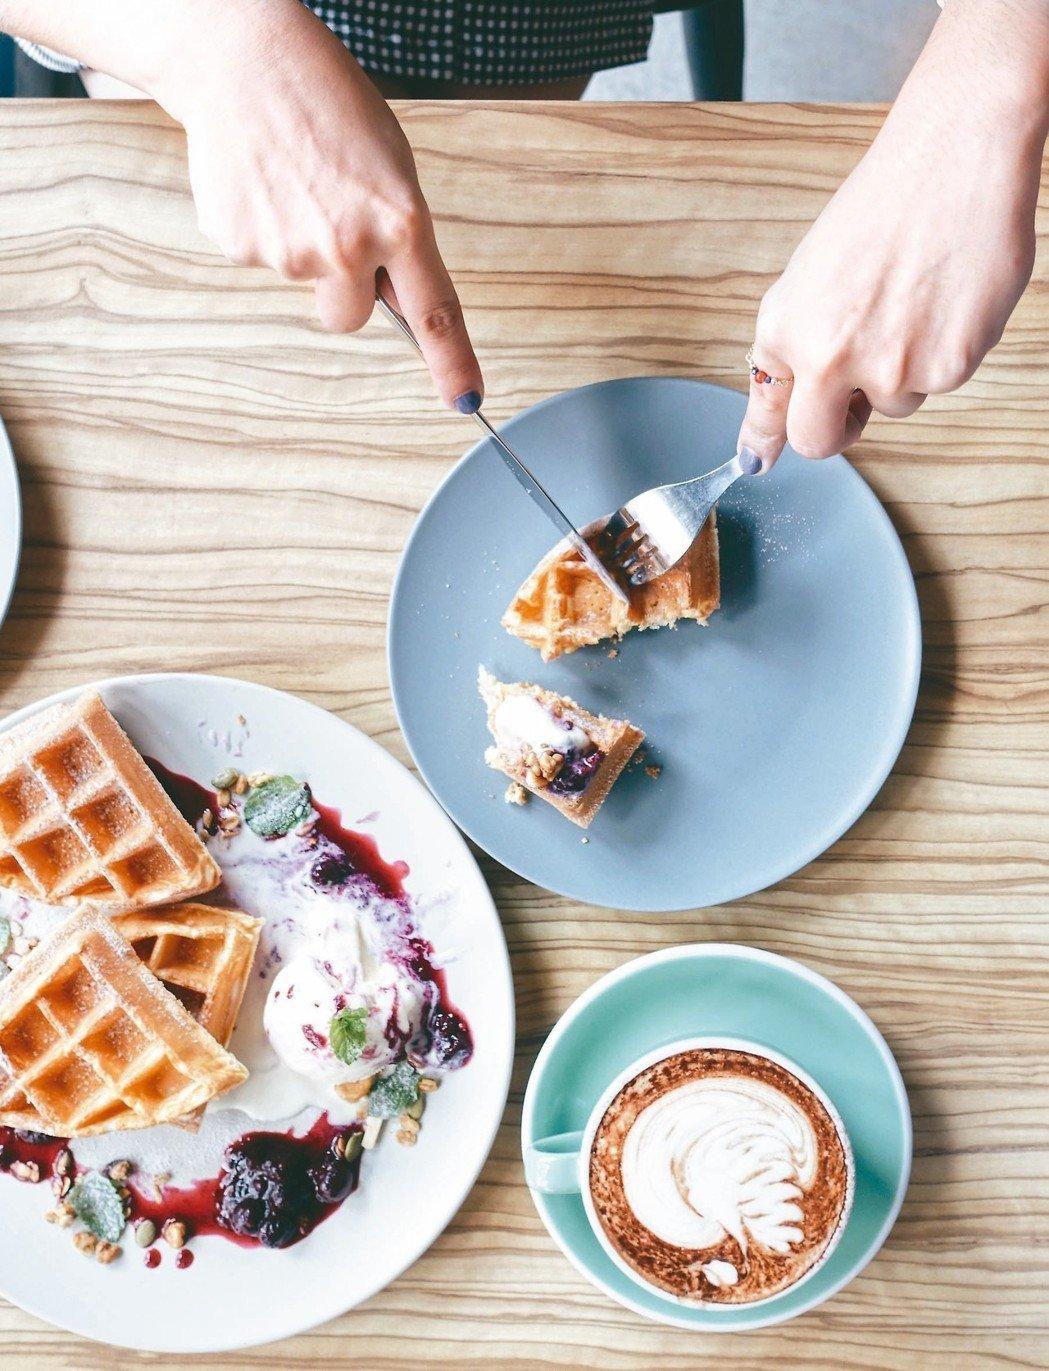 隱藏版小咖啡手工製莓果香草冰淇淋,莓果醬以藍莓、黑莓及覆盆子親手製作。 記者沈佩...